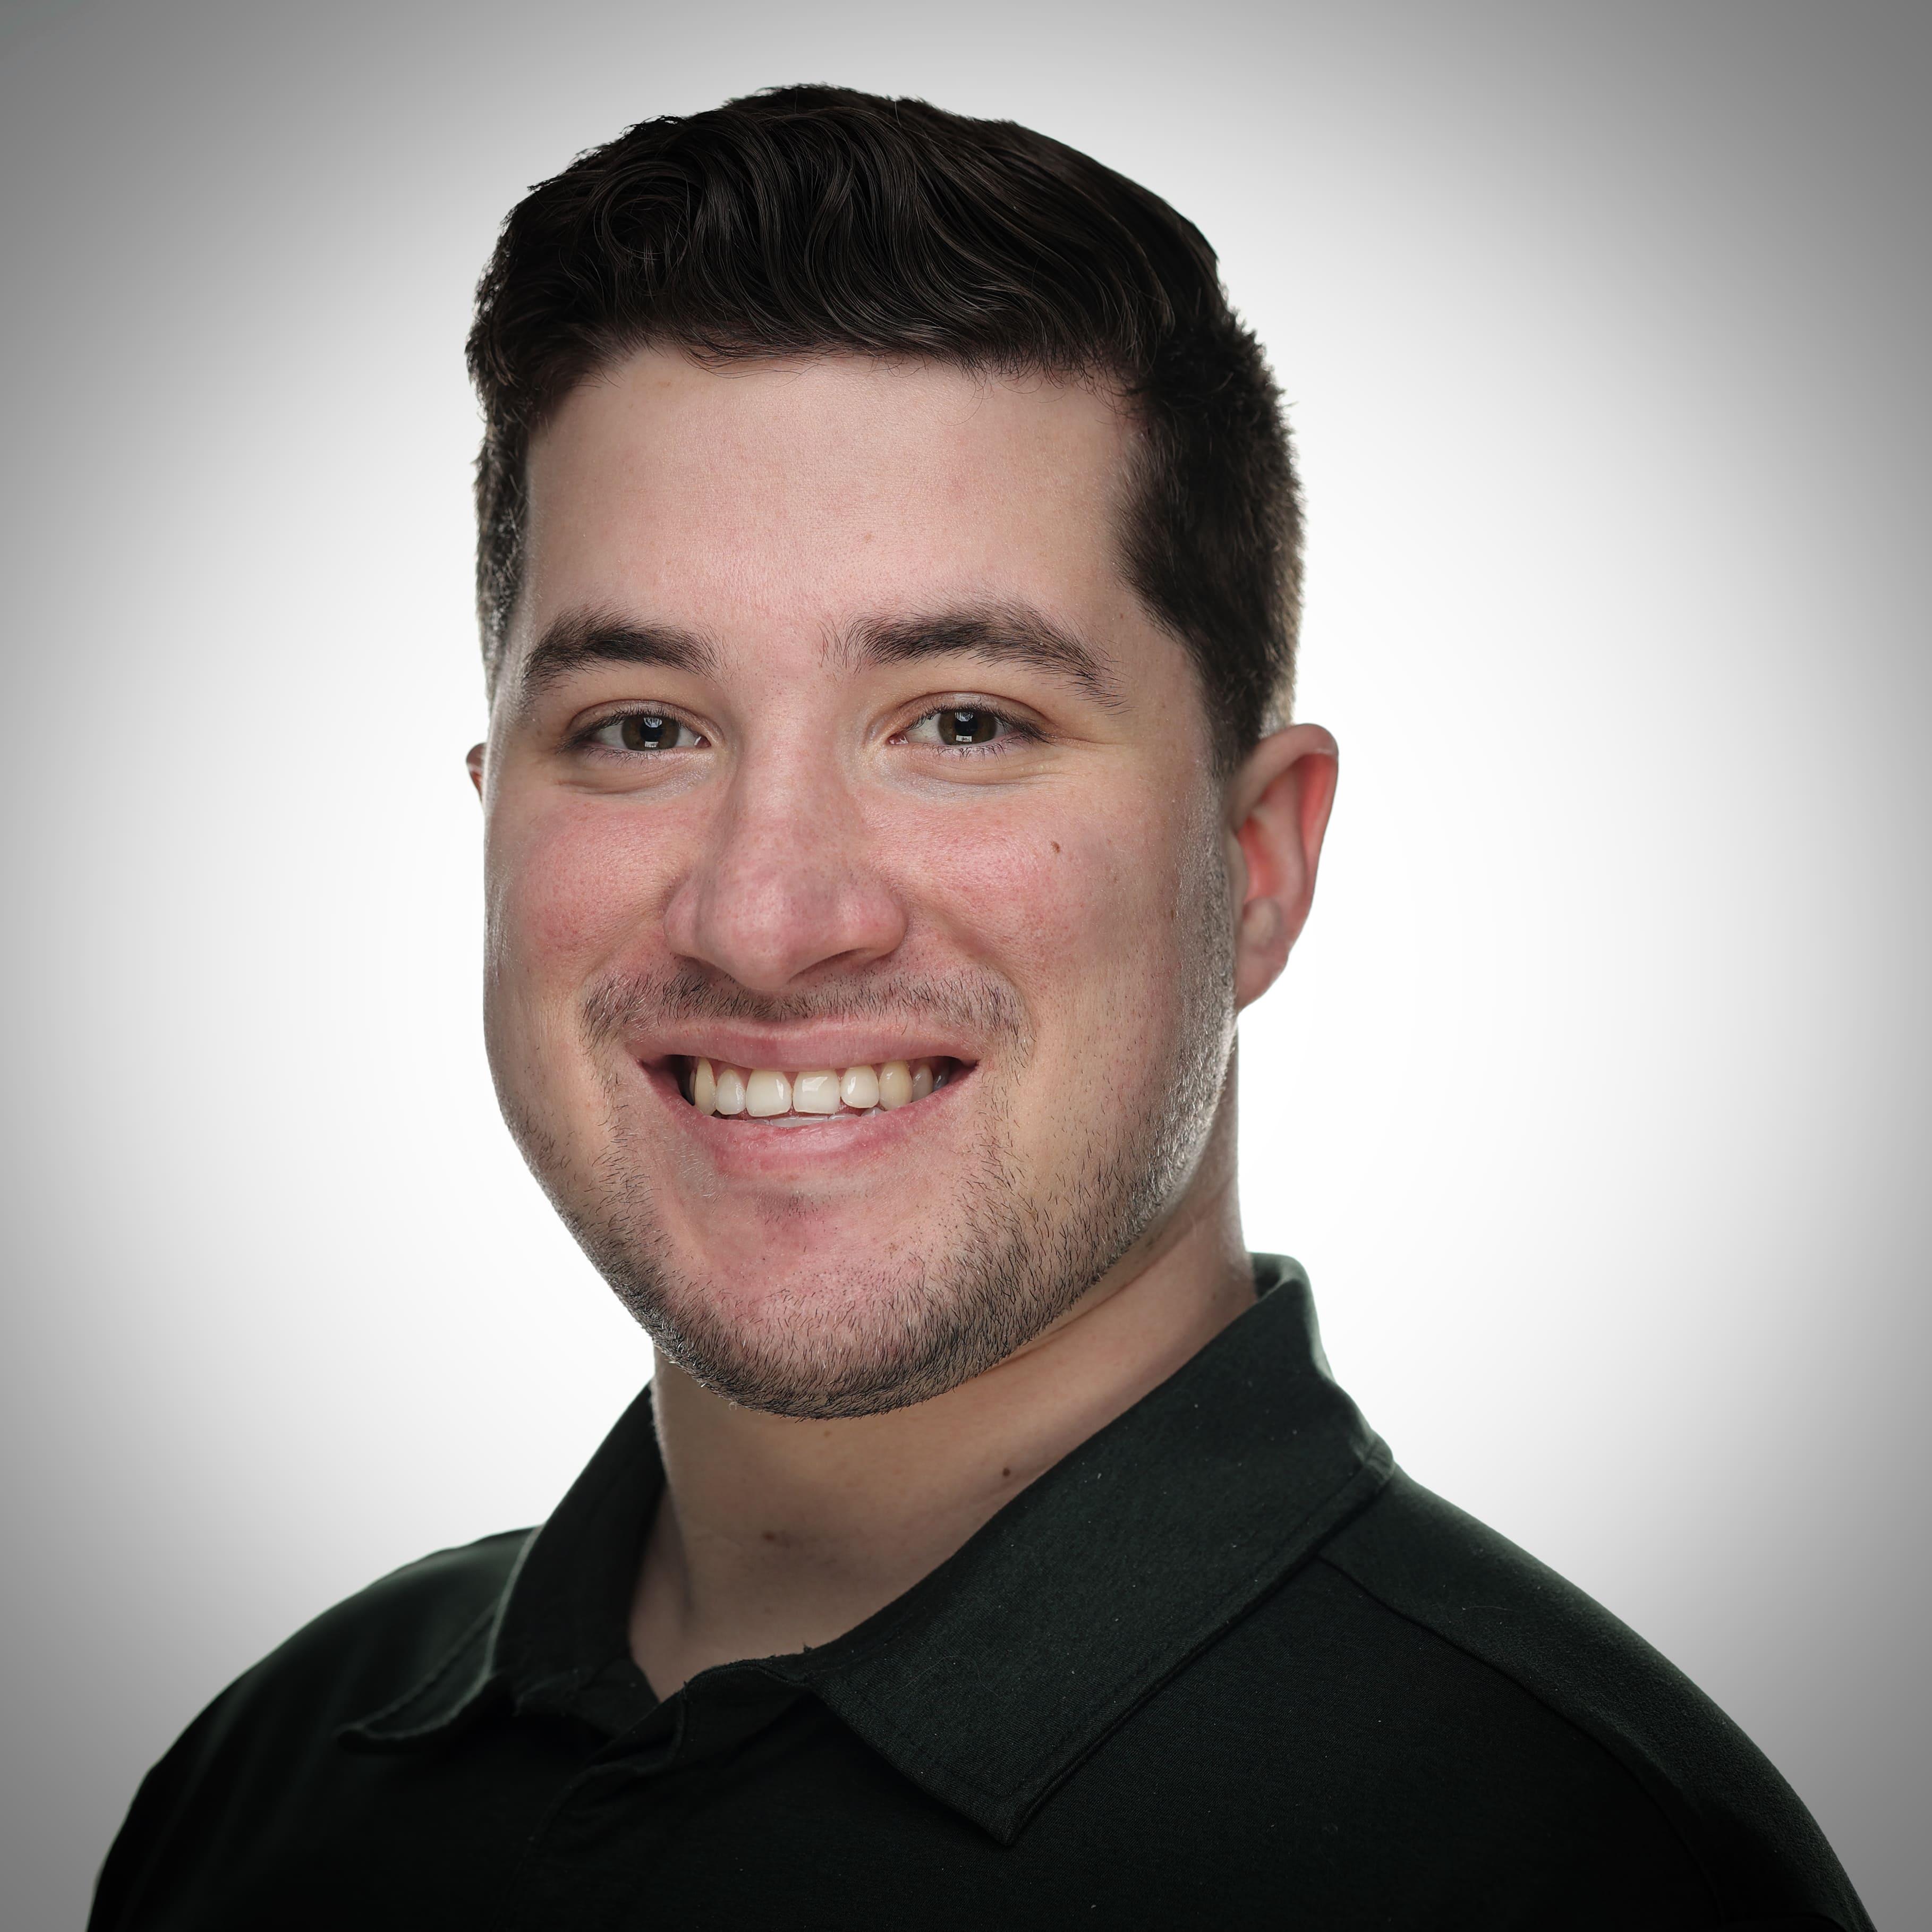 Ryan Duritsky